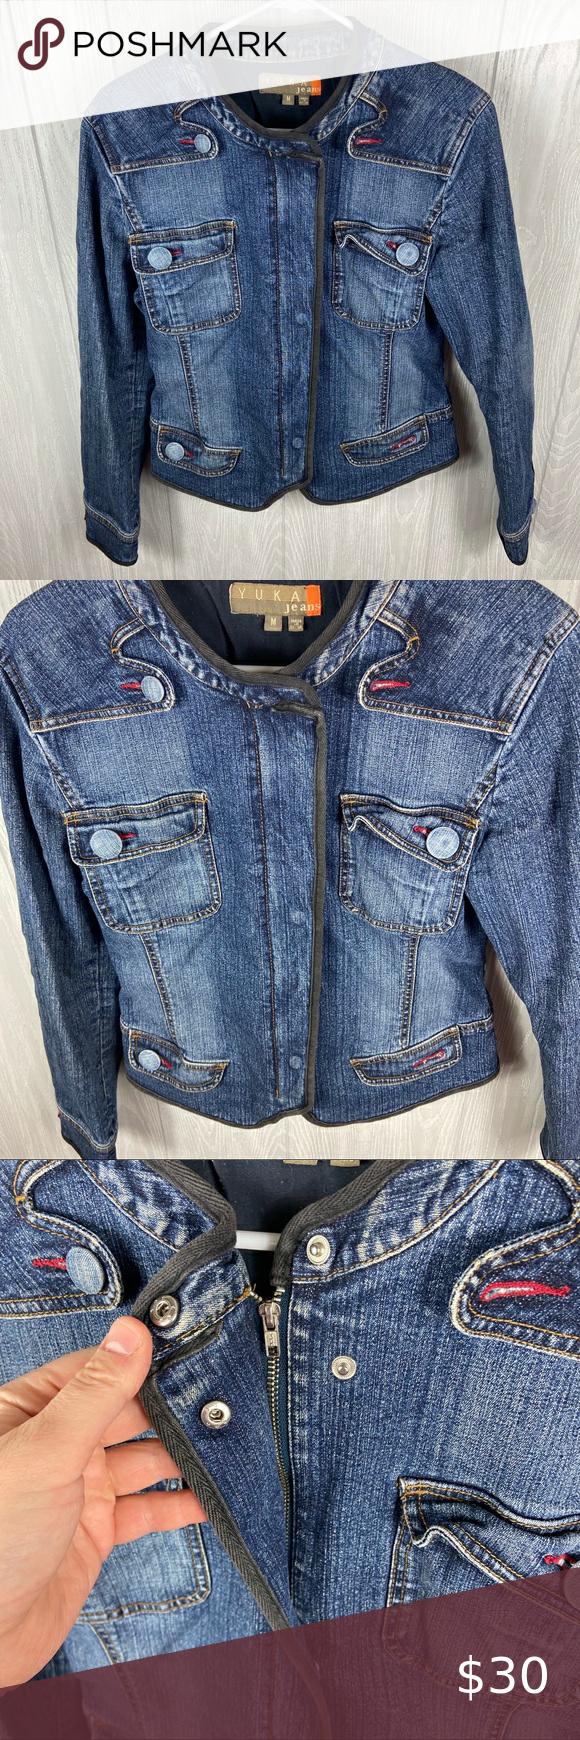 Yukka Jeans Jean Jacket Size Medium Jean Jacket Vintage Jacket Jackets [ 1740 x 580 Pixel ]